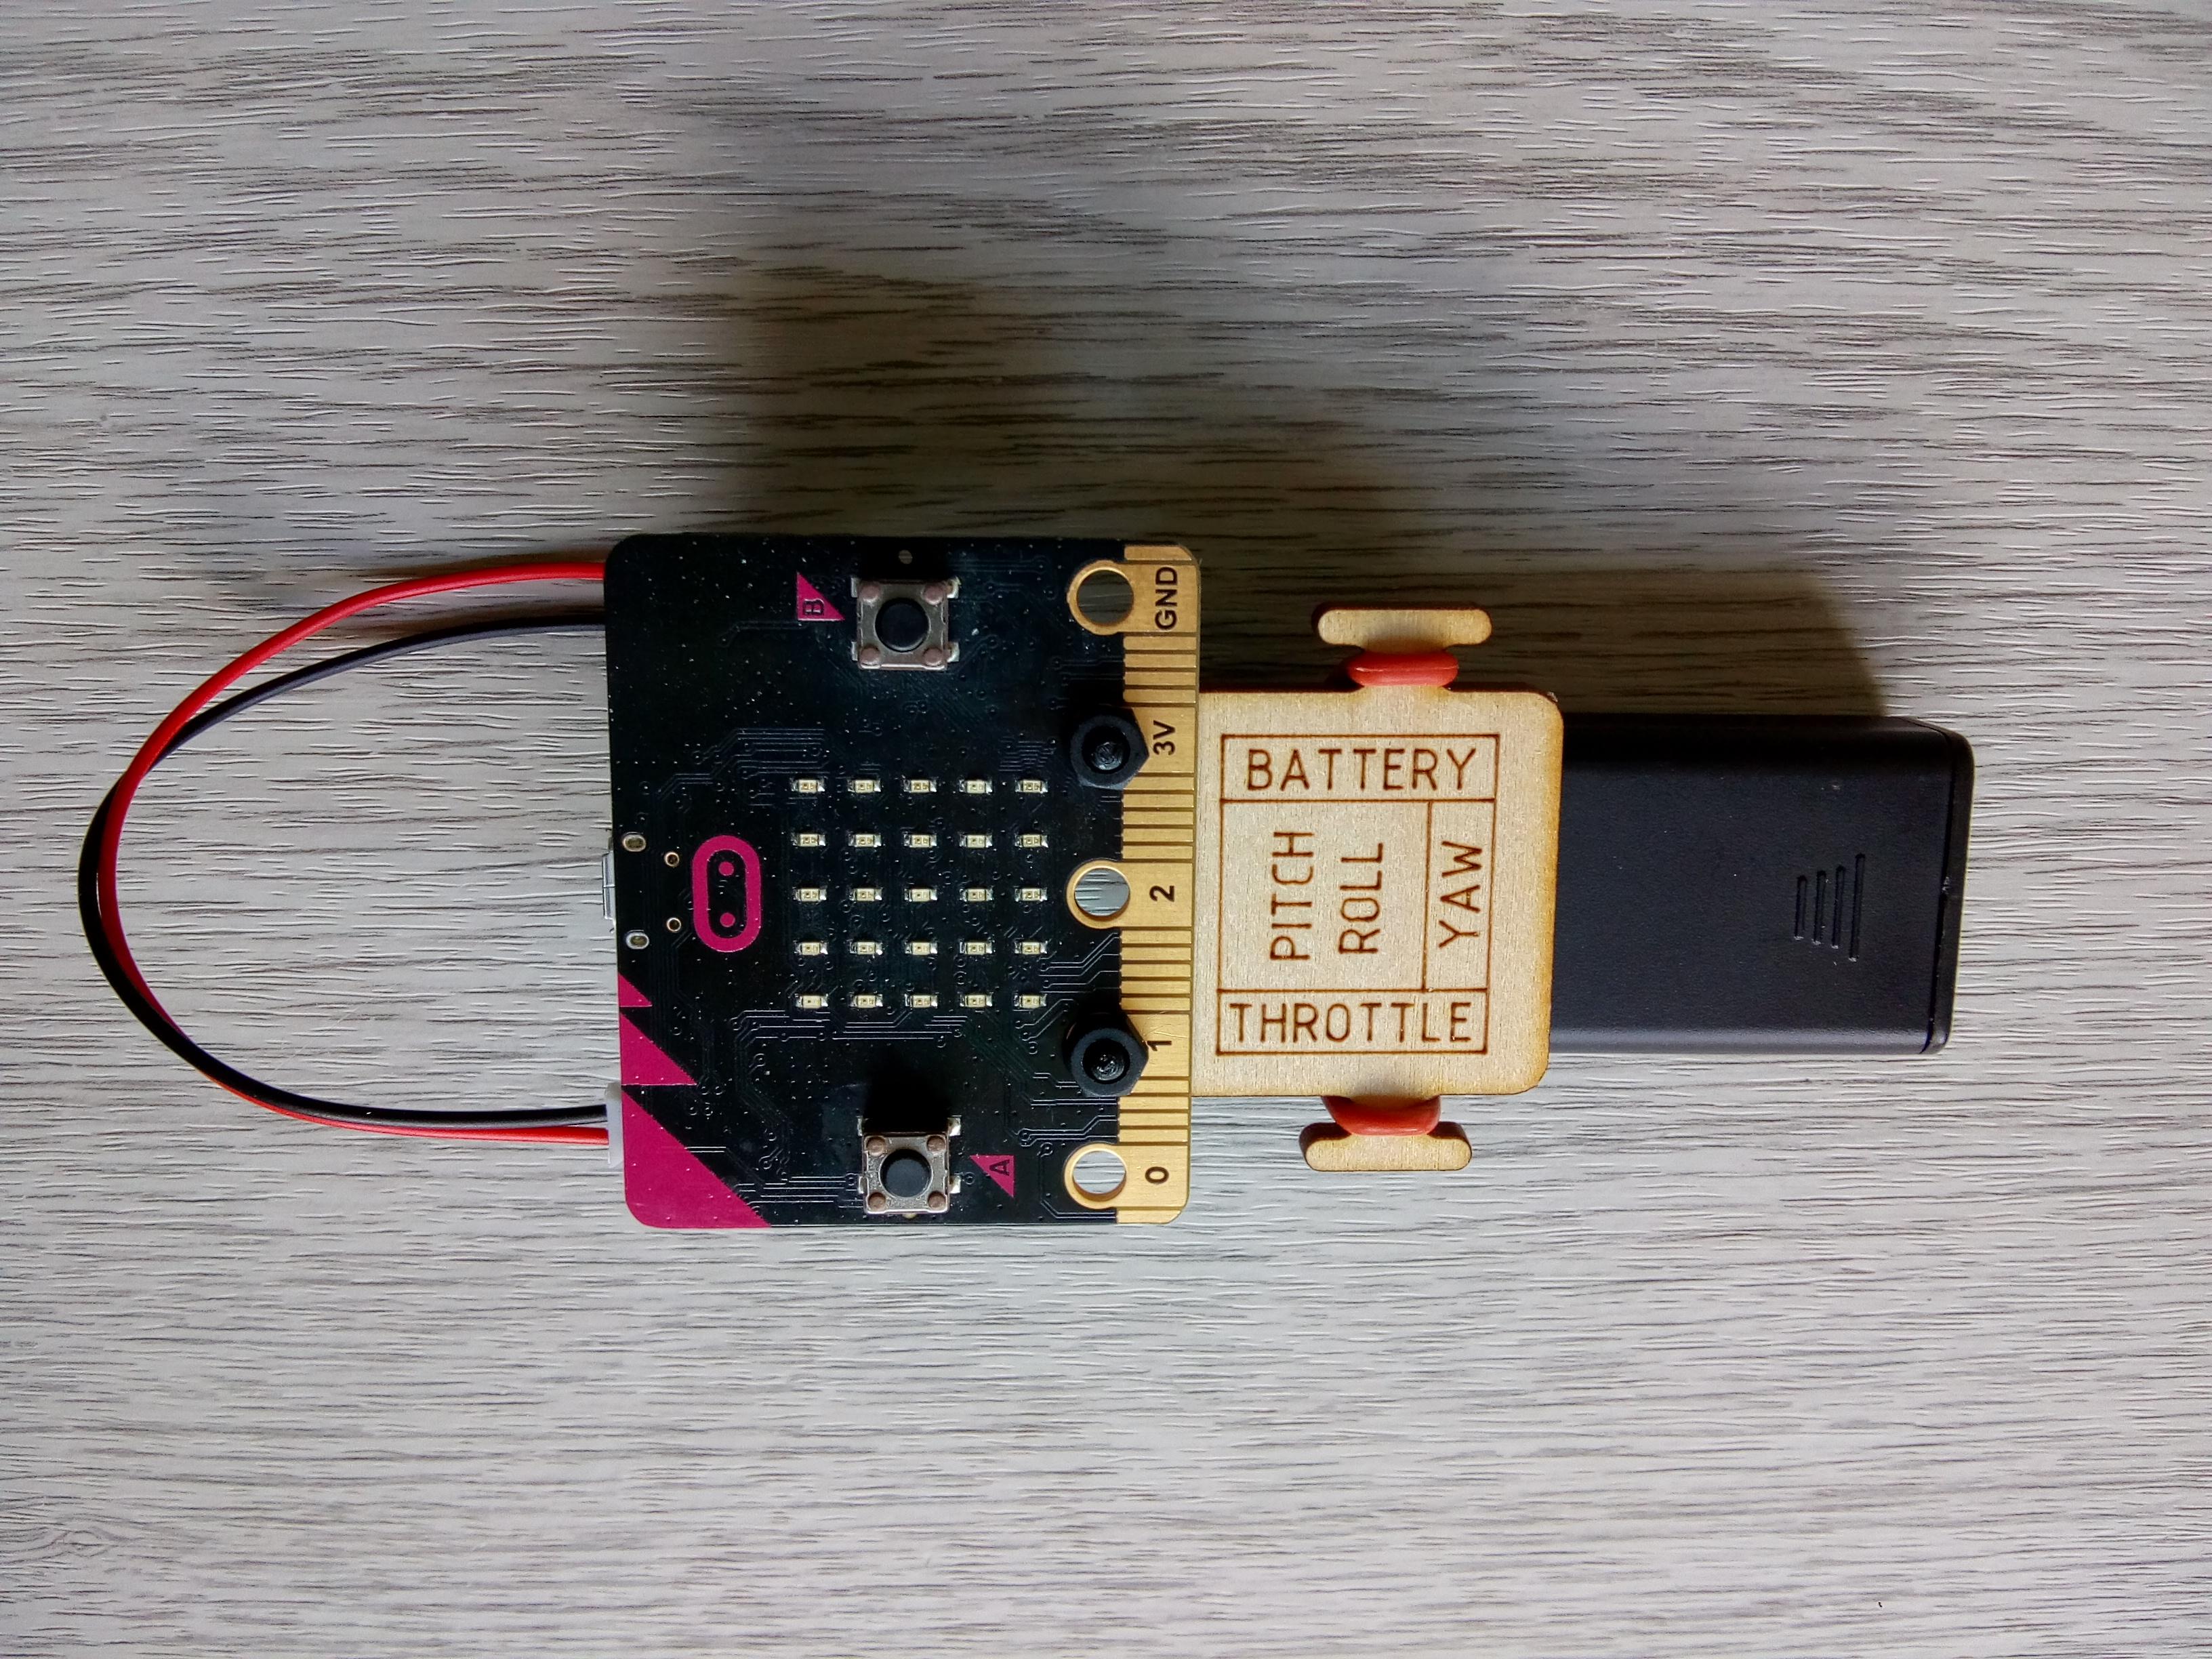 airbit controller assembled